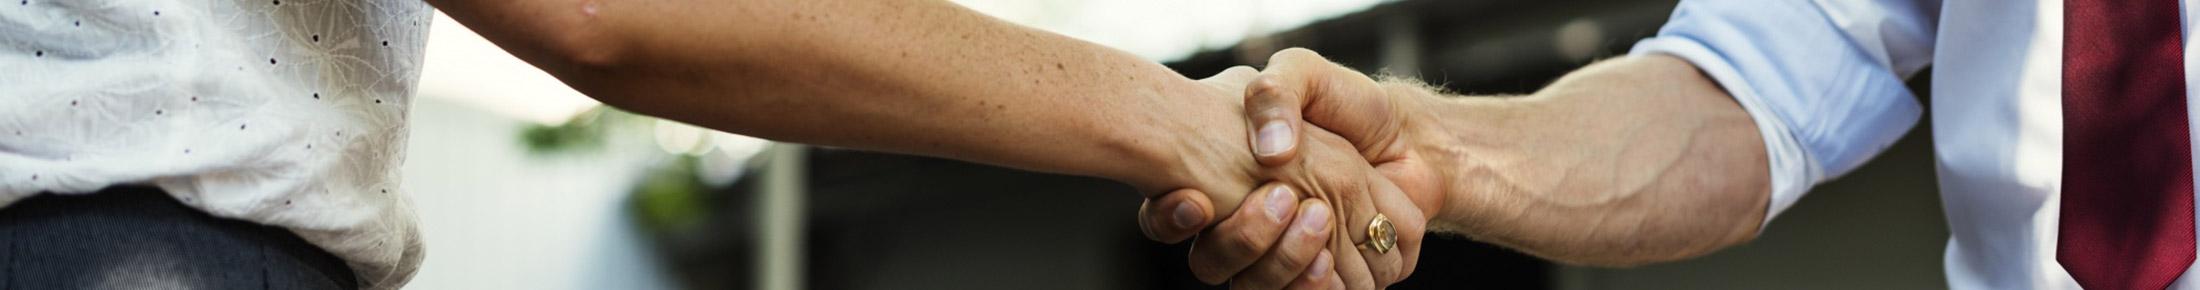 Danubia Wood Trading - Holzhandel mit Handschlagqualität